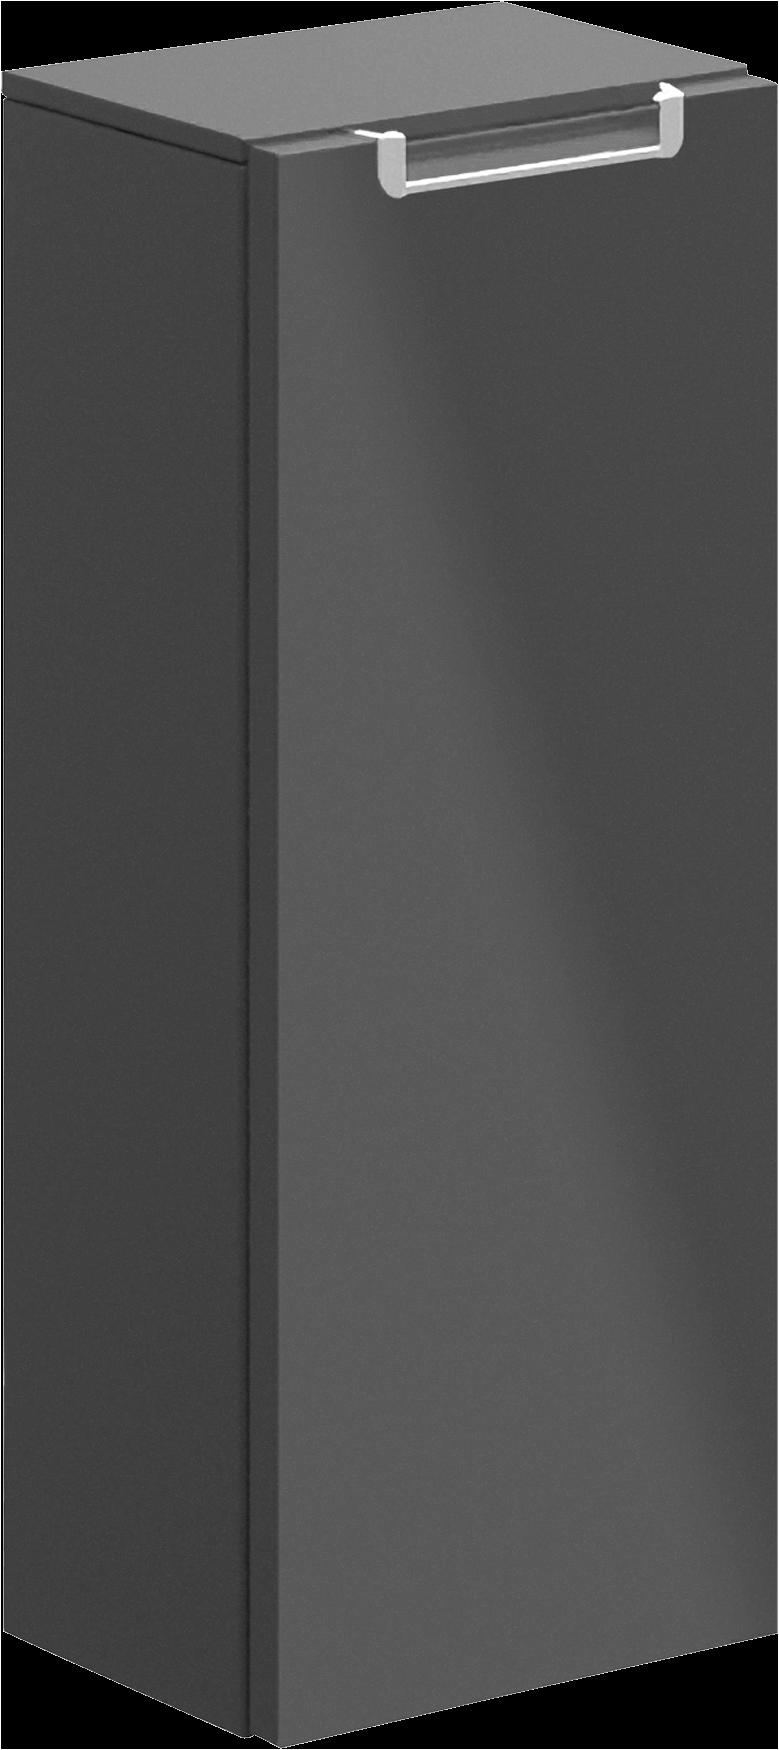 subway 2 0 side cabinet a8200r villeroy boch. Black Bedroom Furniture Sets. Home Design Ideas